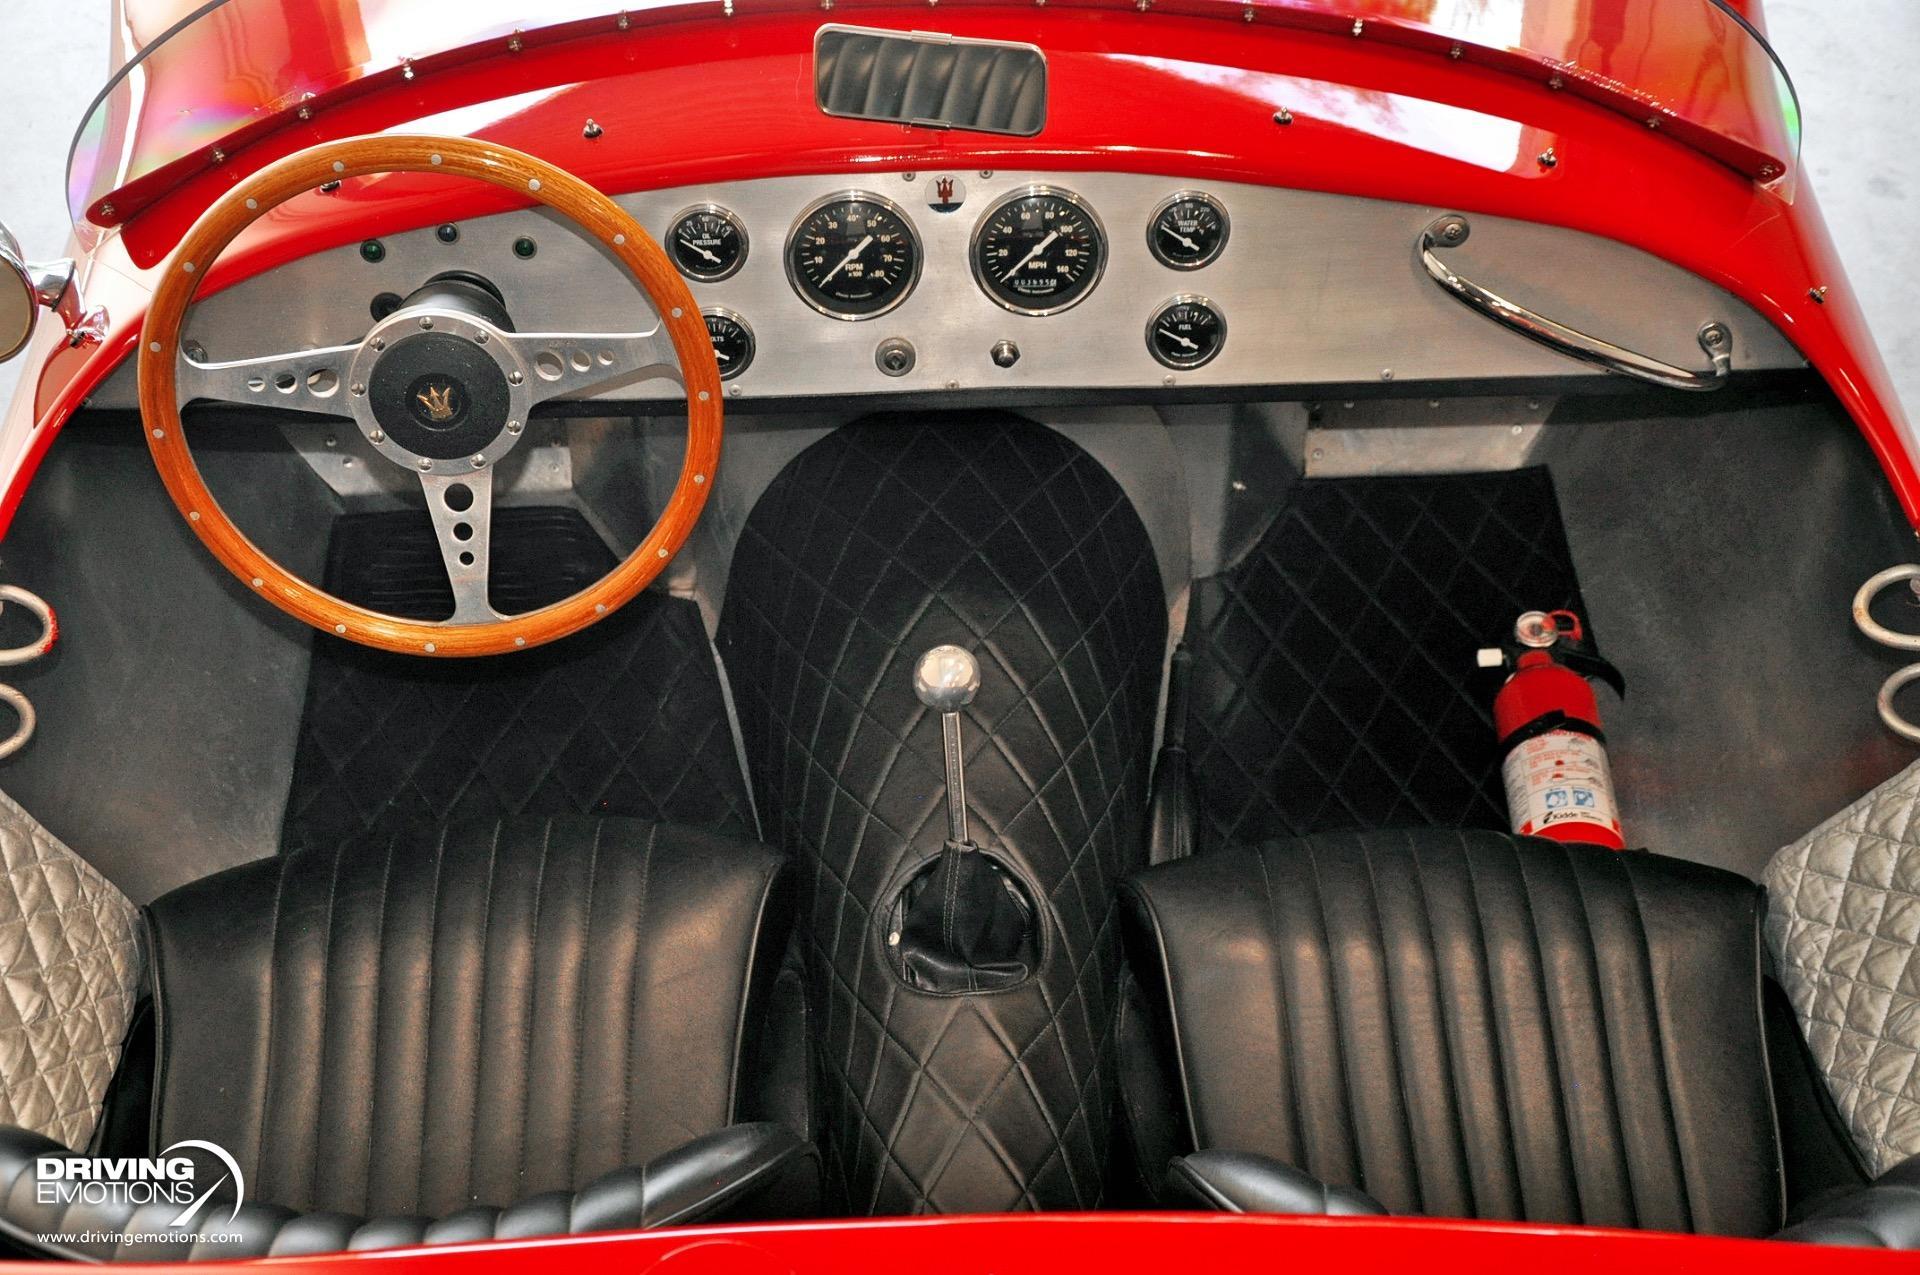 Used 1954 Maserati A6GCS Barchetta Recreation A6GCS Barchetta Roadster Replica   Lake Park, FL